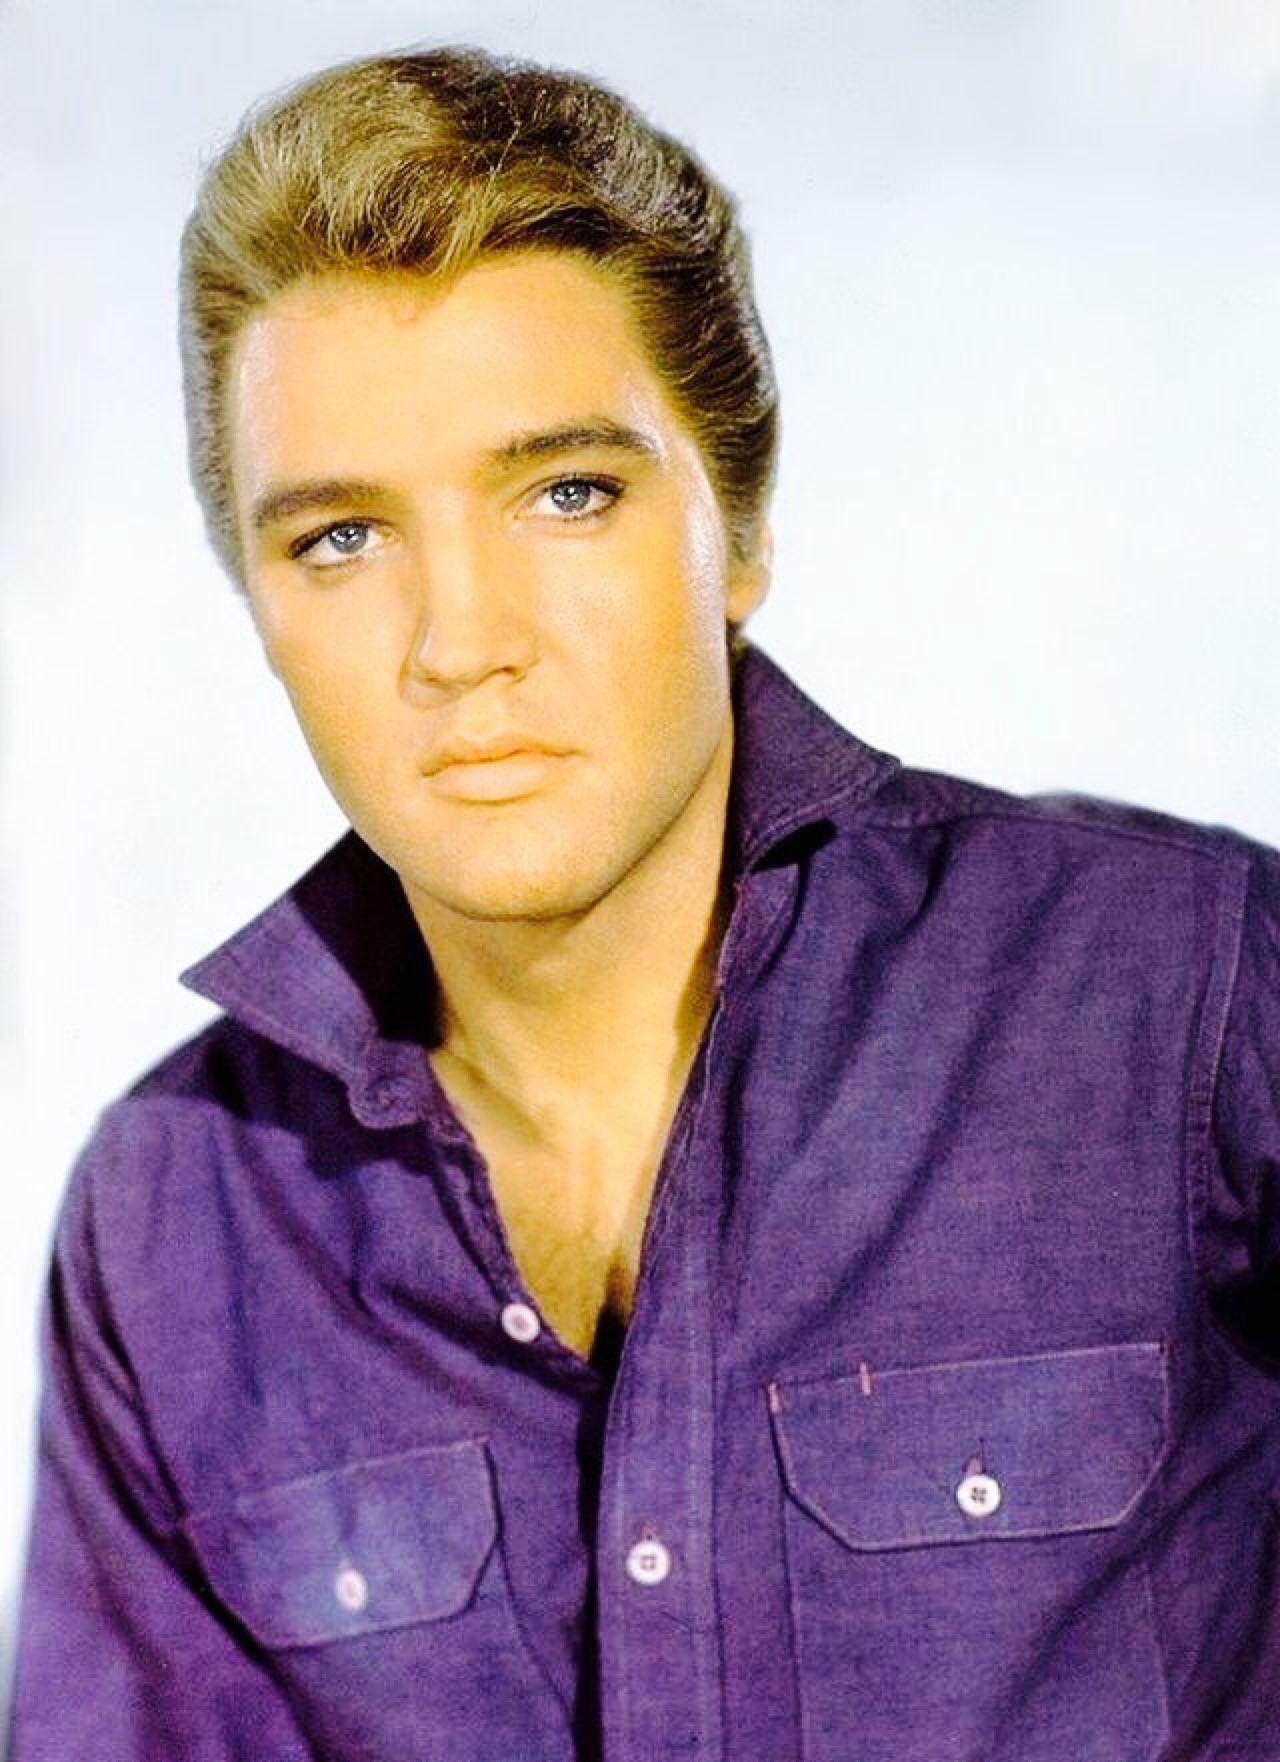 Elvis Presley Promo Photo With Blond Hair Elvis Presley Elvis